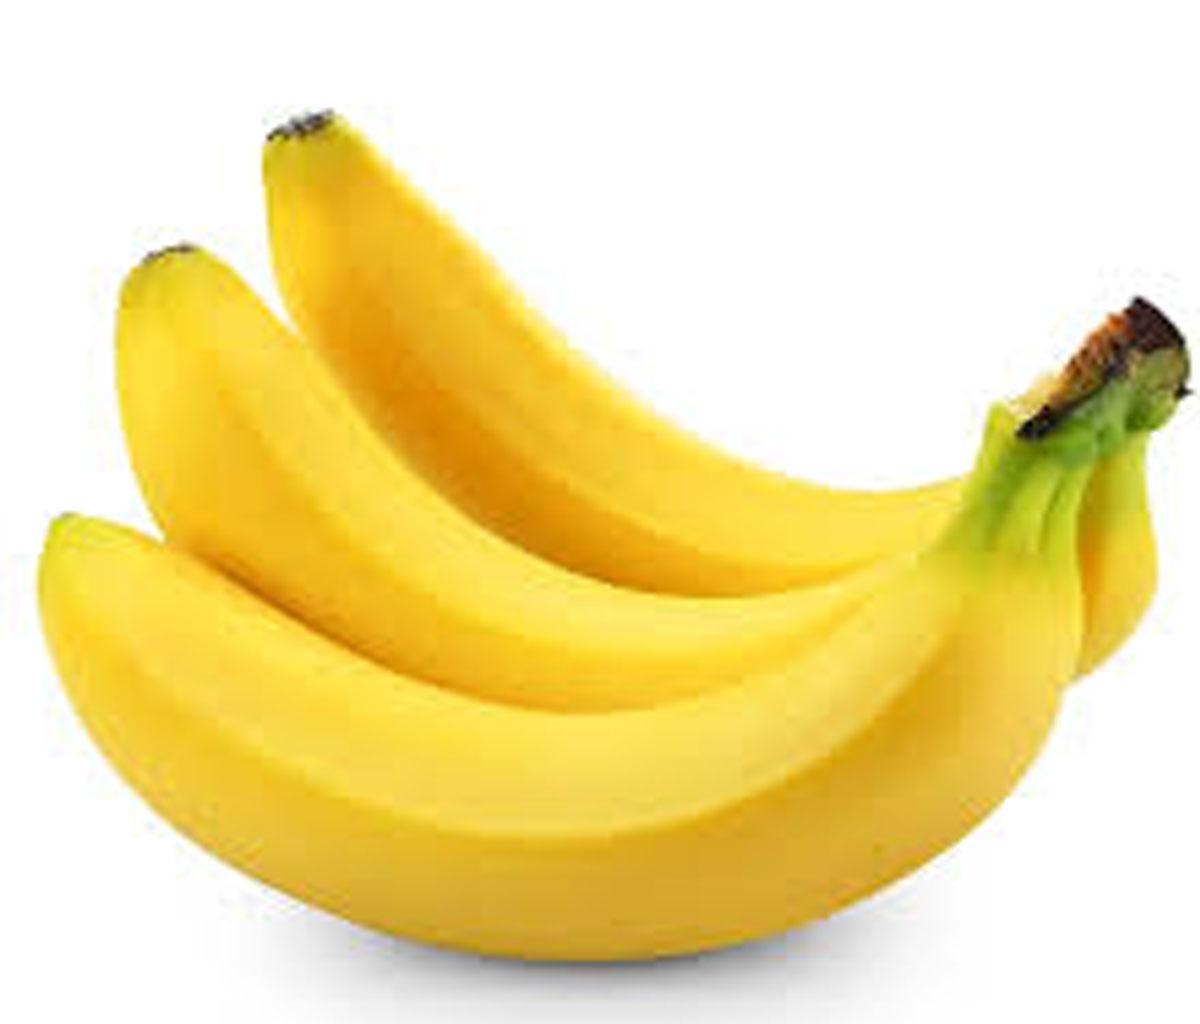 تفسير حلم تناول الموز في منام المتزوجة